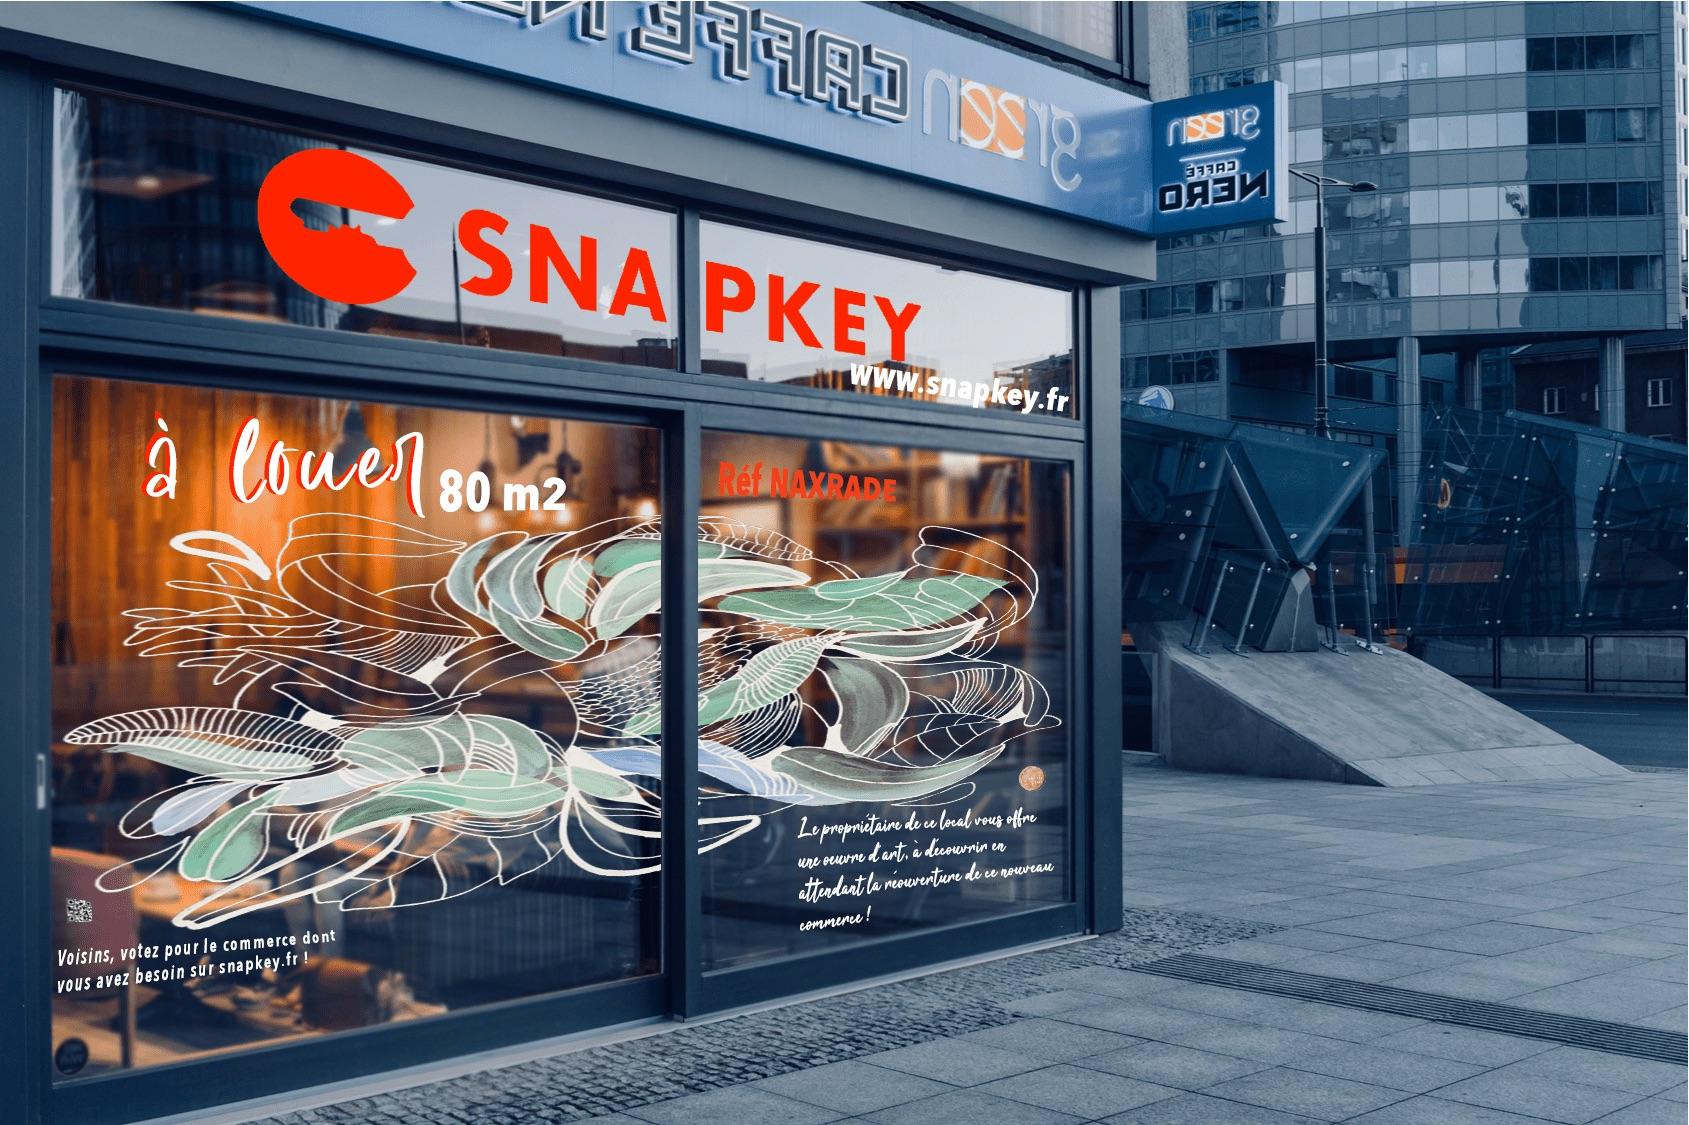 Snap'Gallery par Snapkey